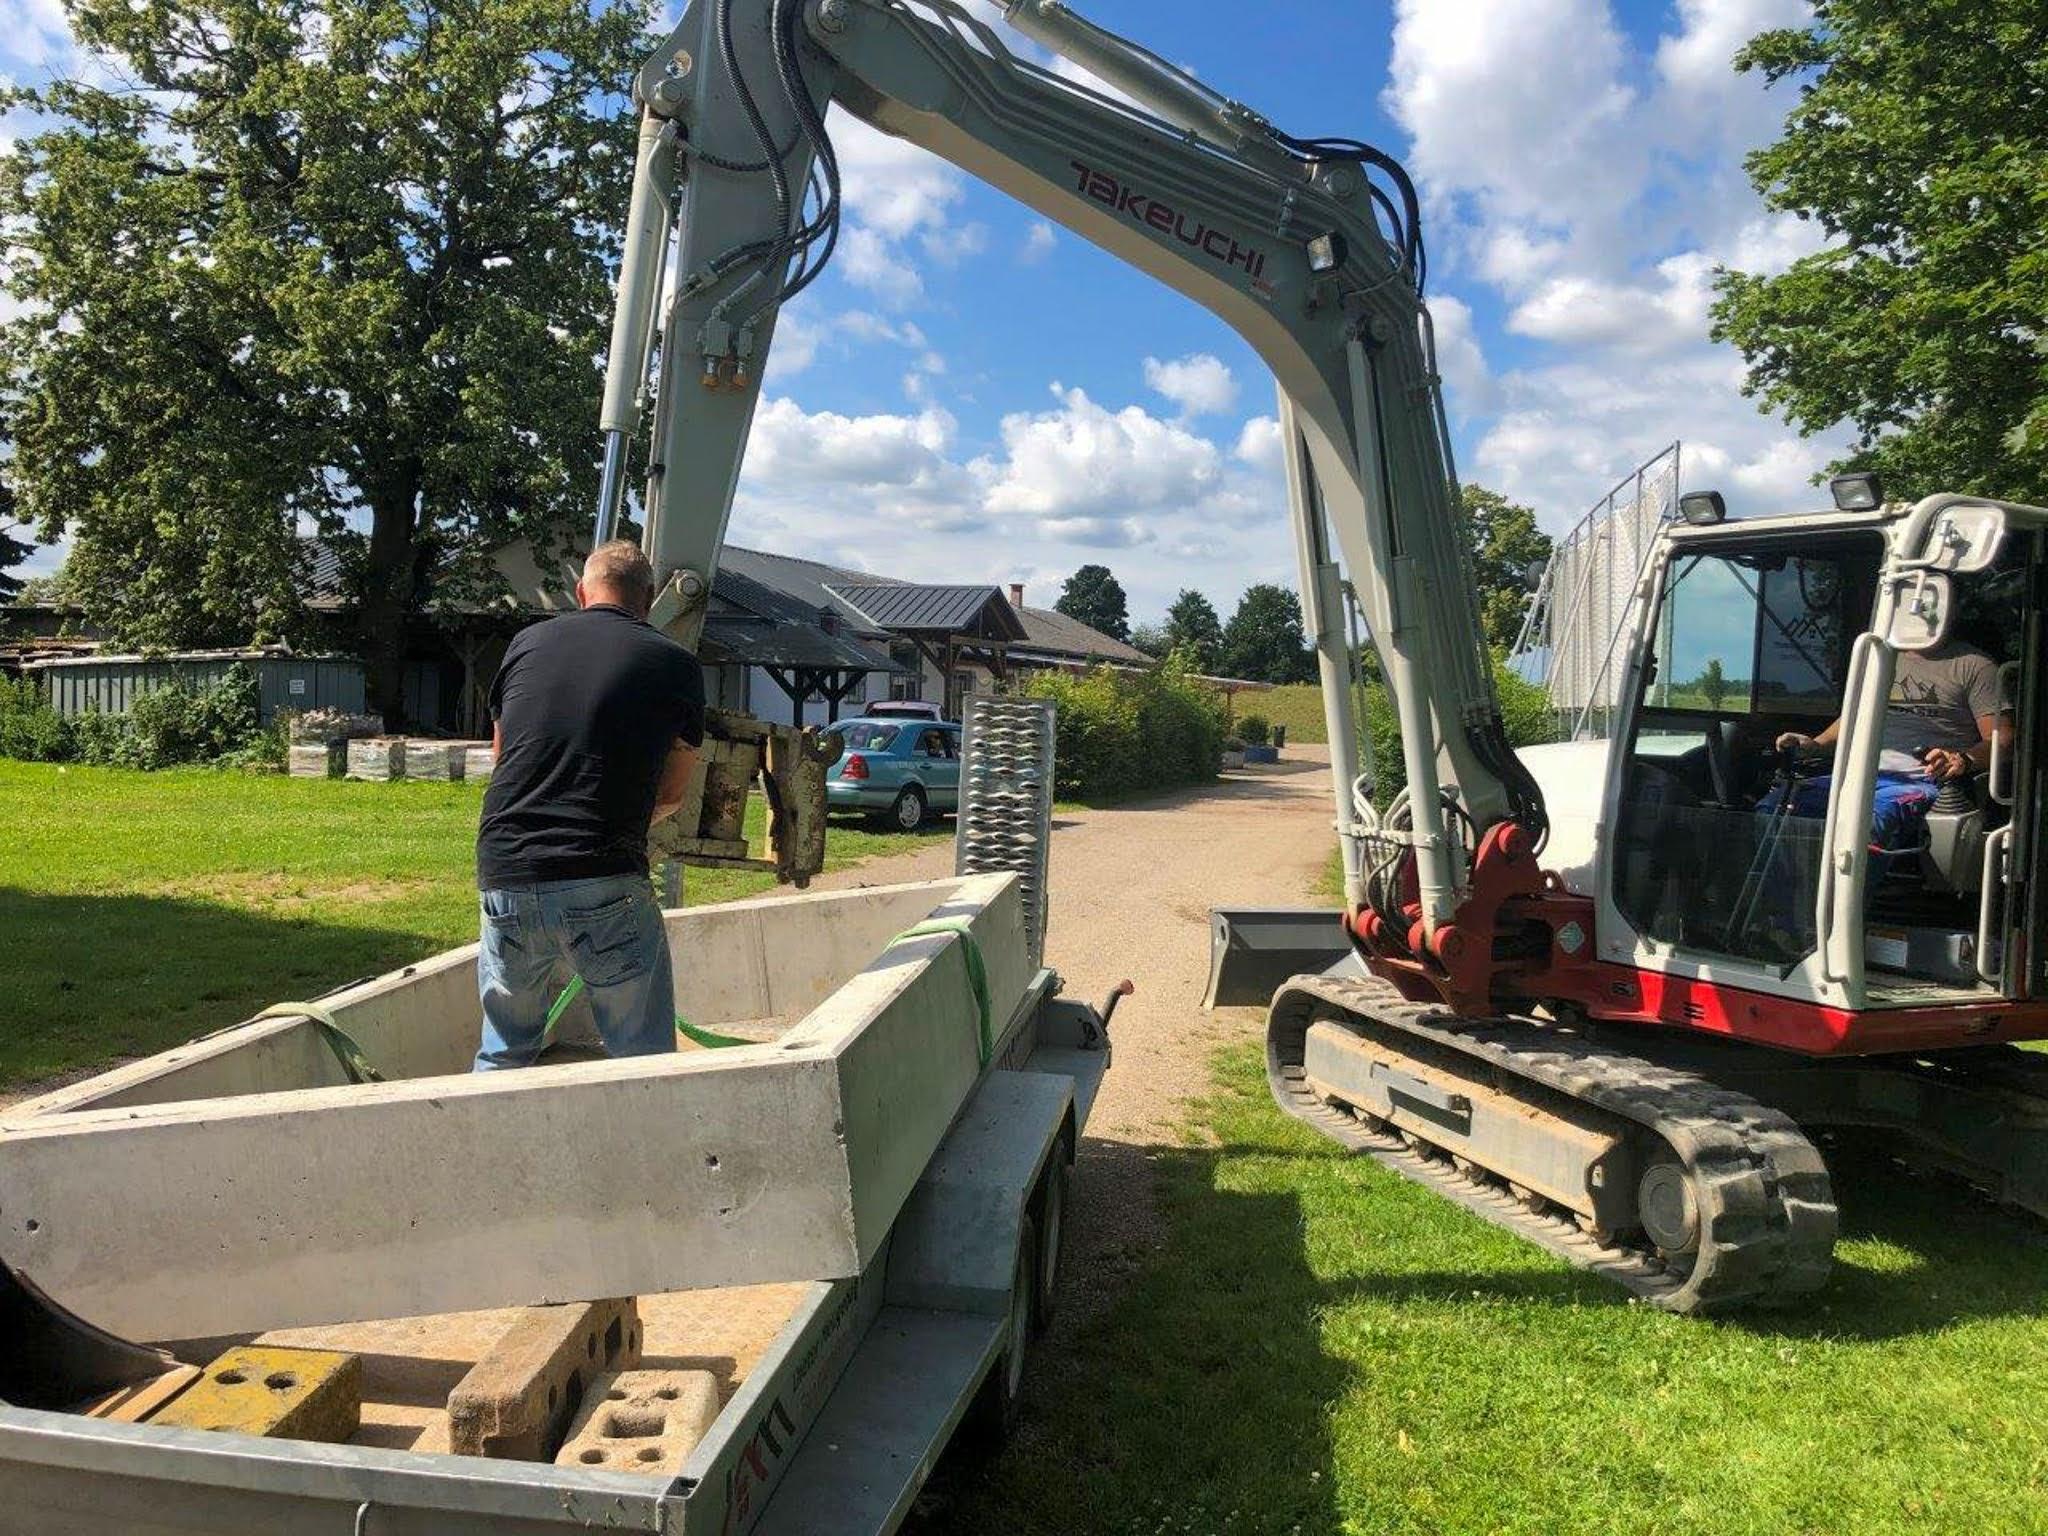 Firma Neugebauer spendet Grundform für Sandkasten